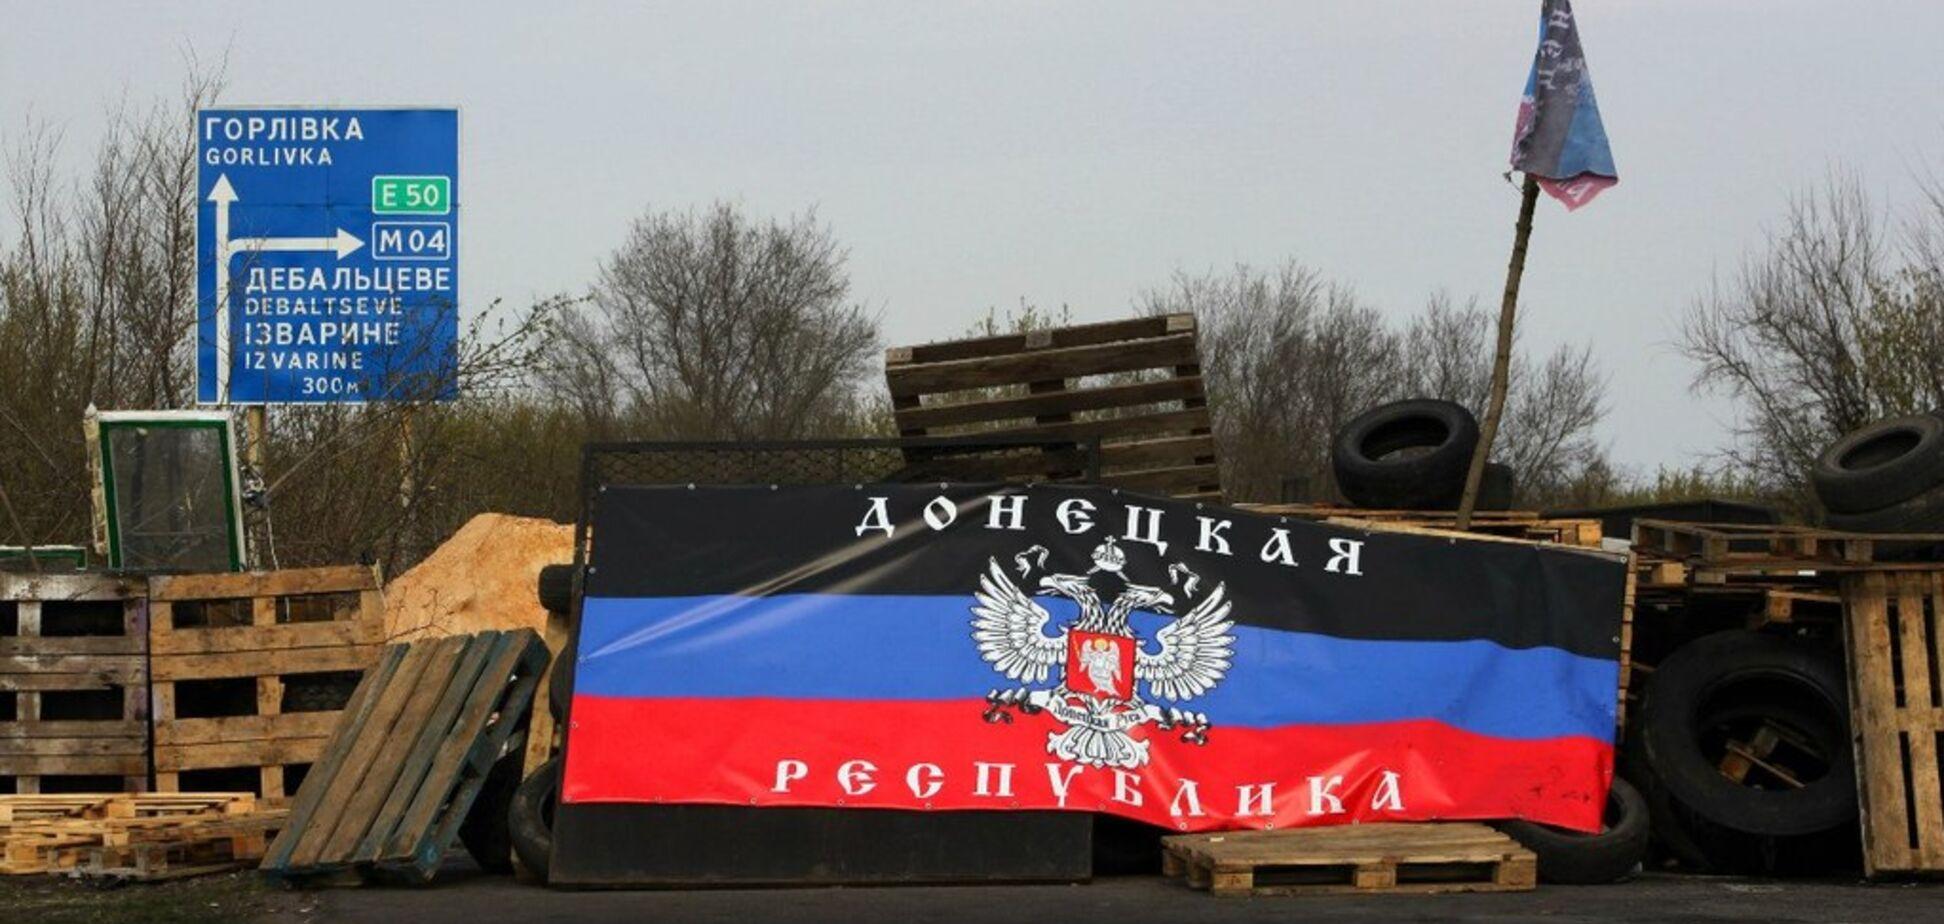 'Вирушай на підвал, ф*шист!' В 'ДНР' оголосили 'полювання' на українських активістів і блогерів